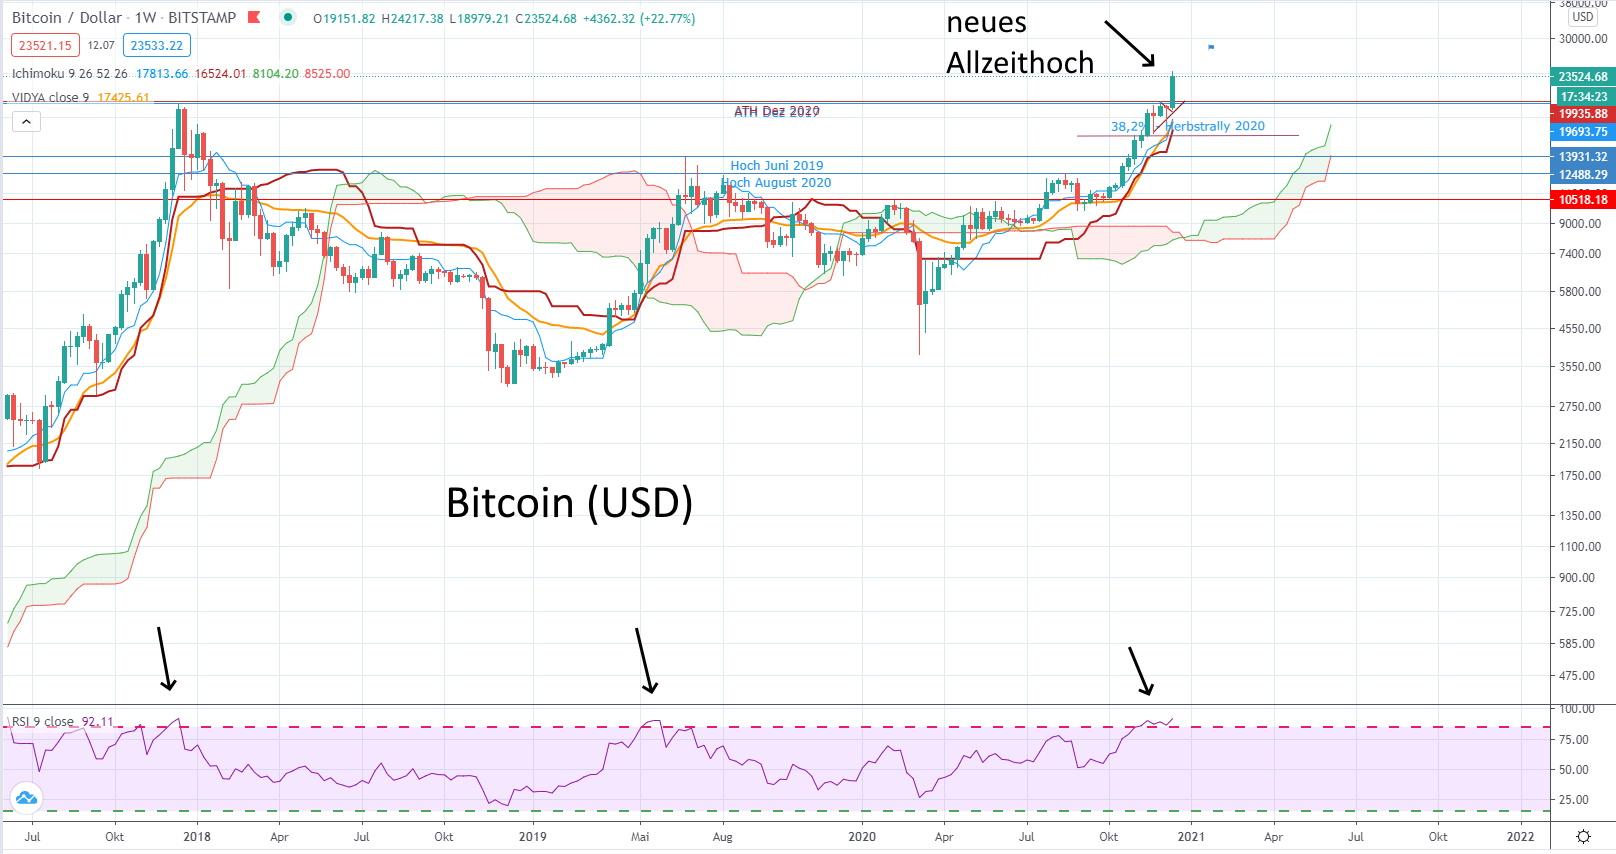 Kryptowährungen werden als neue Anlageklasse entdeckt! - Wochen-Chart des Bitcoin